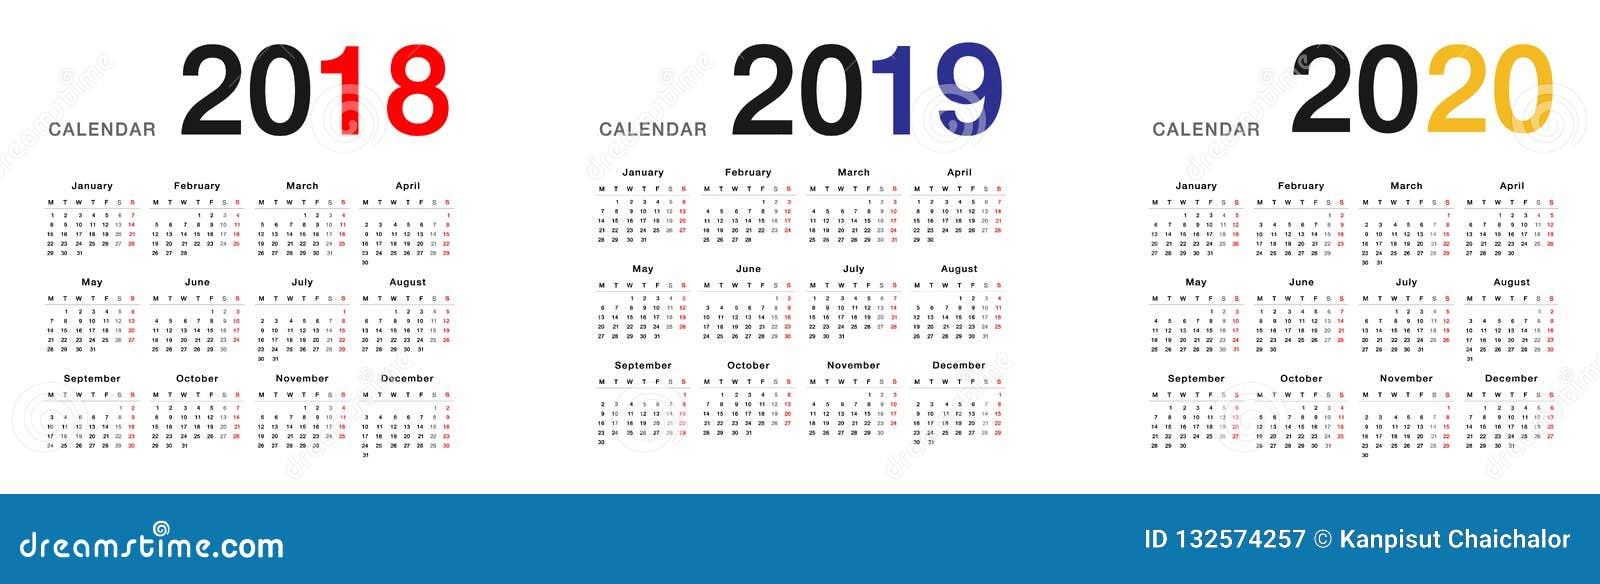 Calendario 2020 Orizzontale.Modello Orizzontale Di Progettazione Di Vettore Del